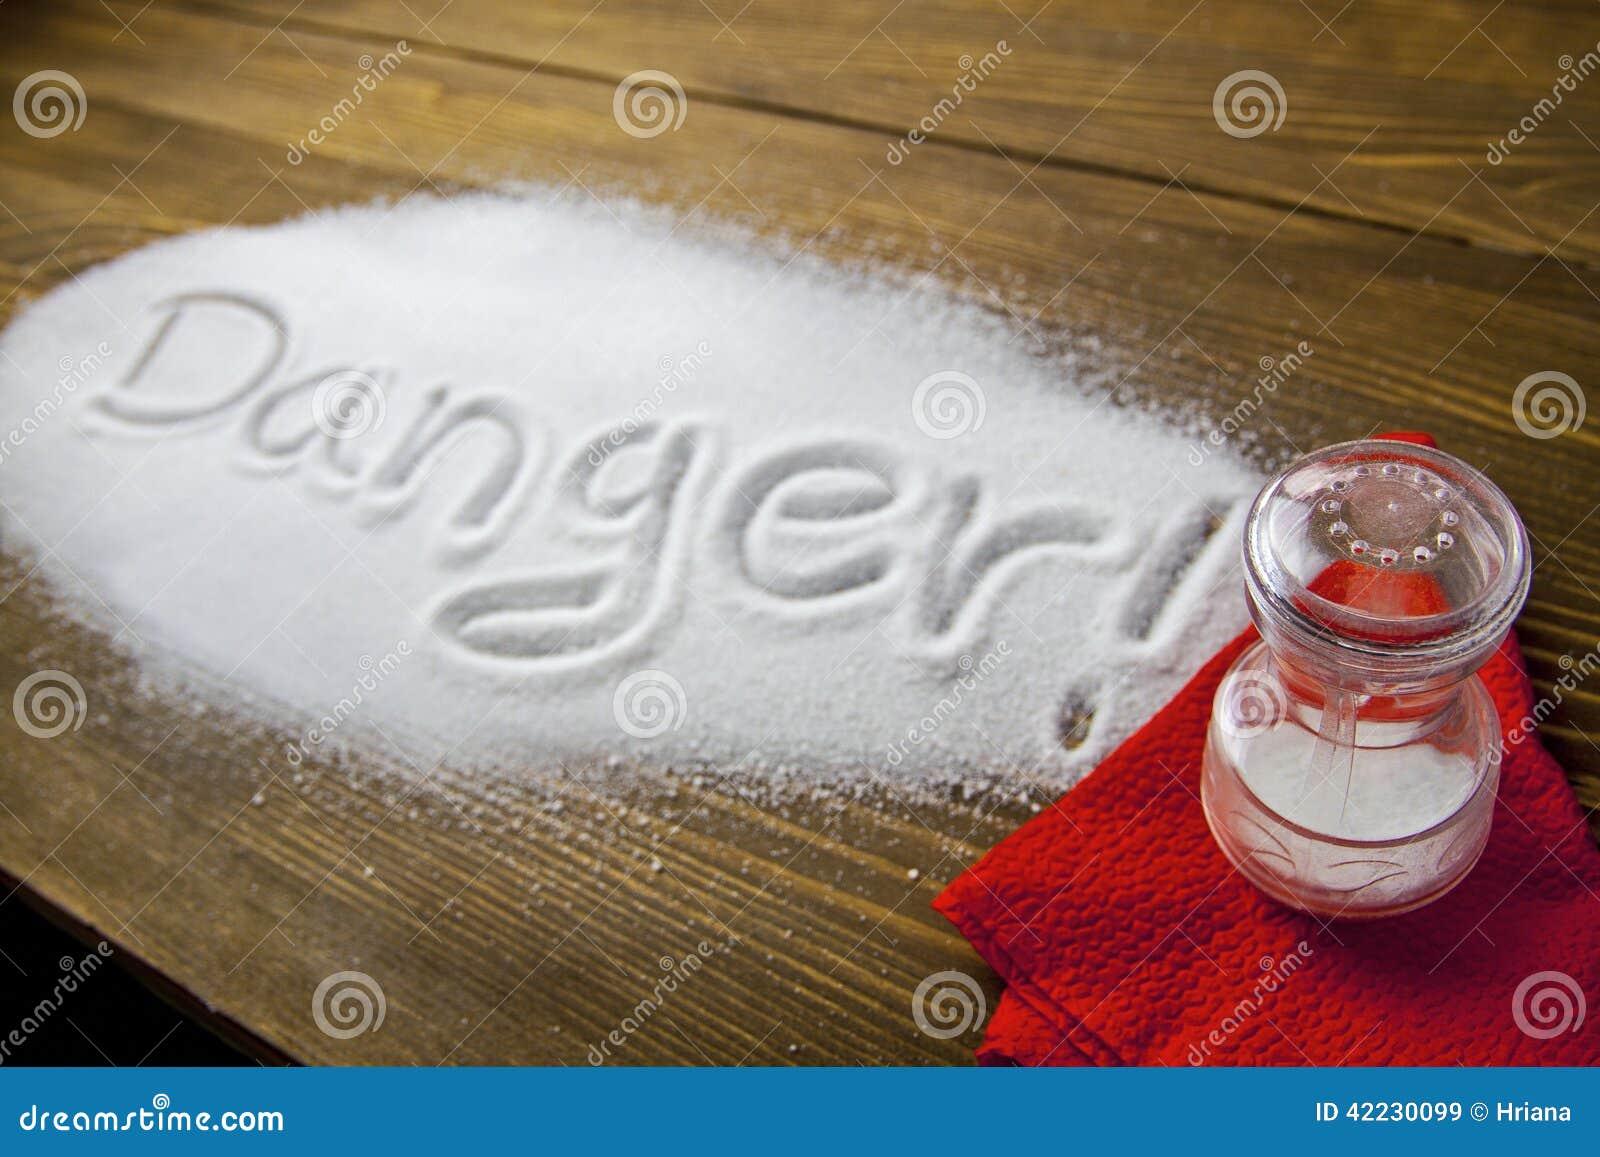 Danger of too much salt – Health Hazard